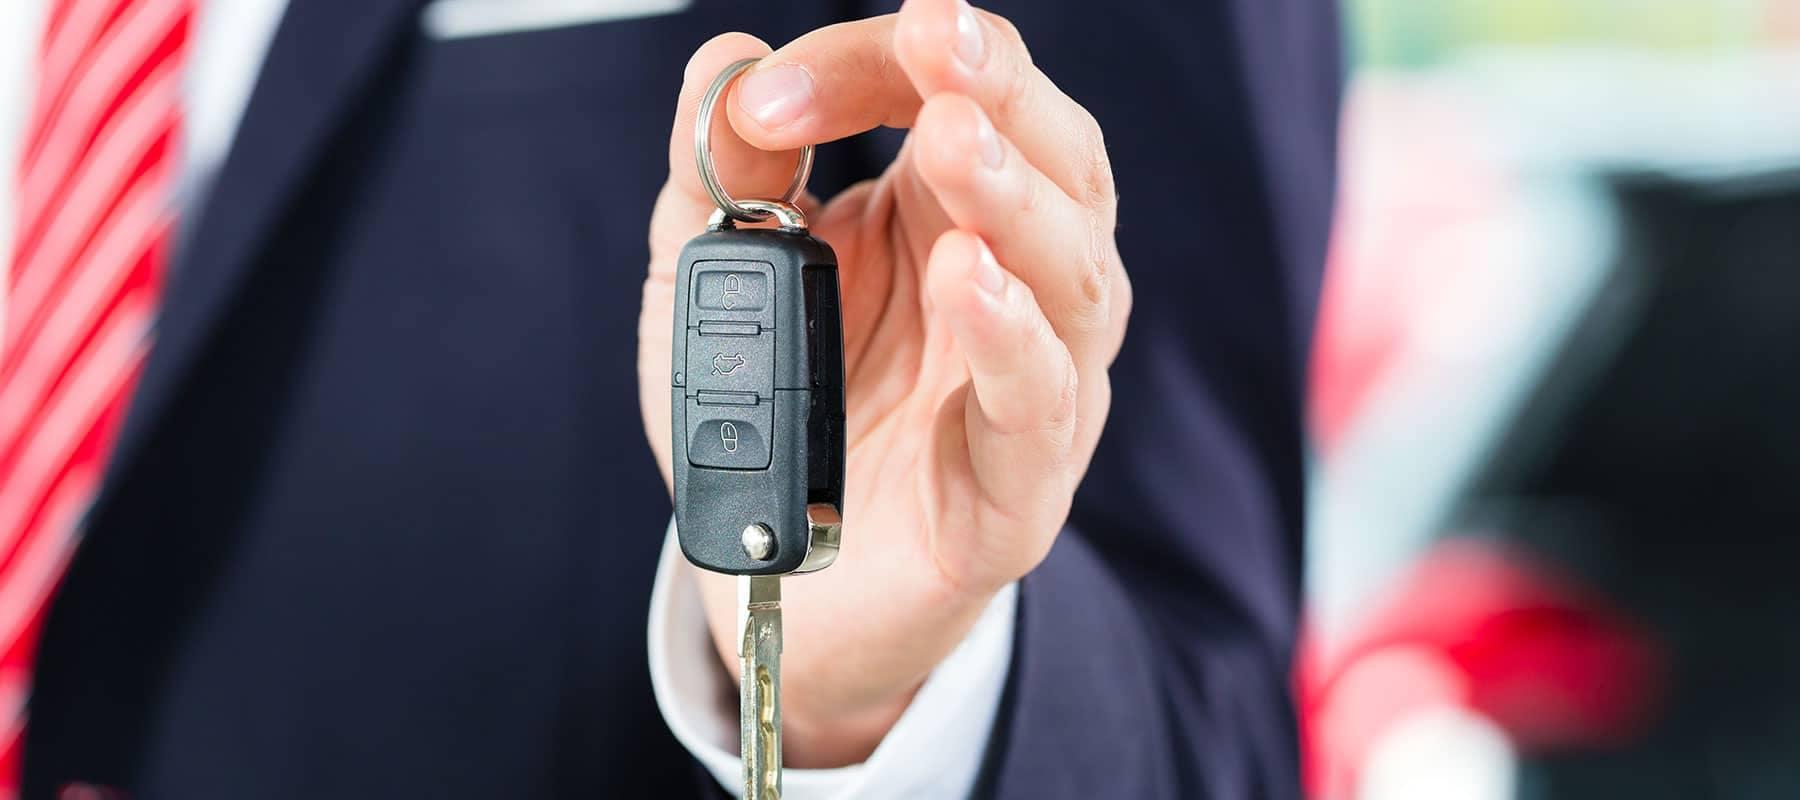 A man holding a set of car keys